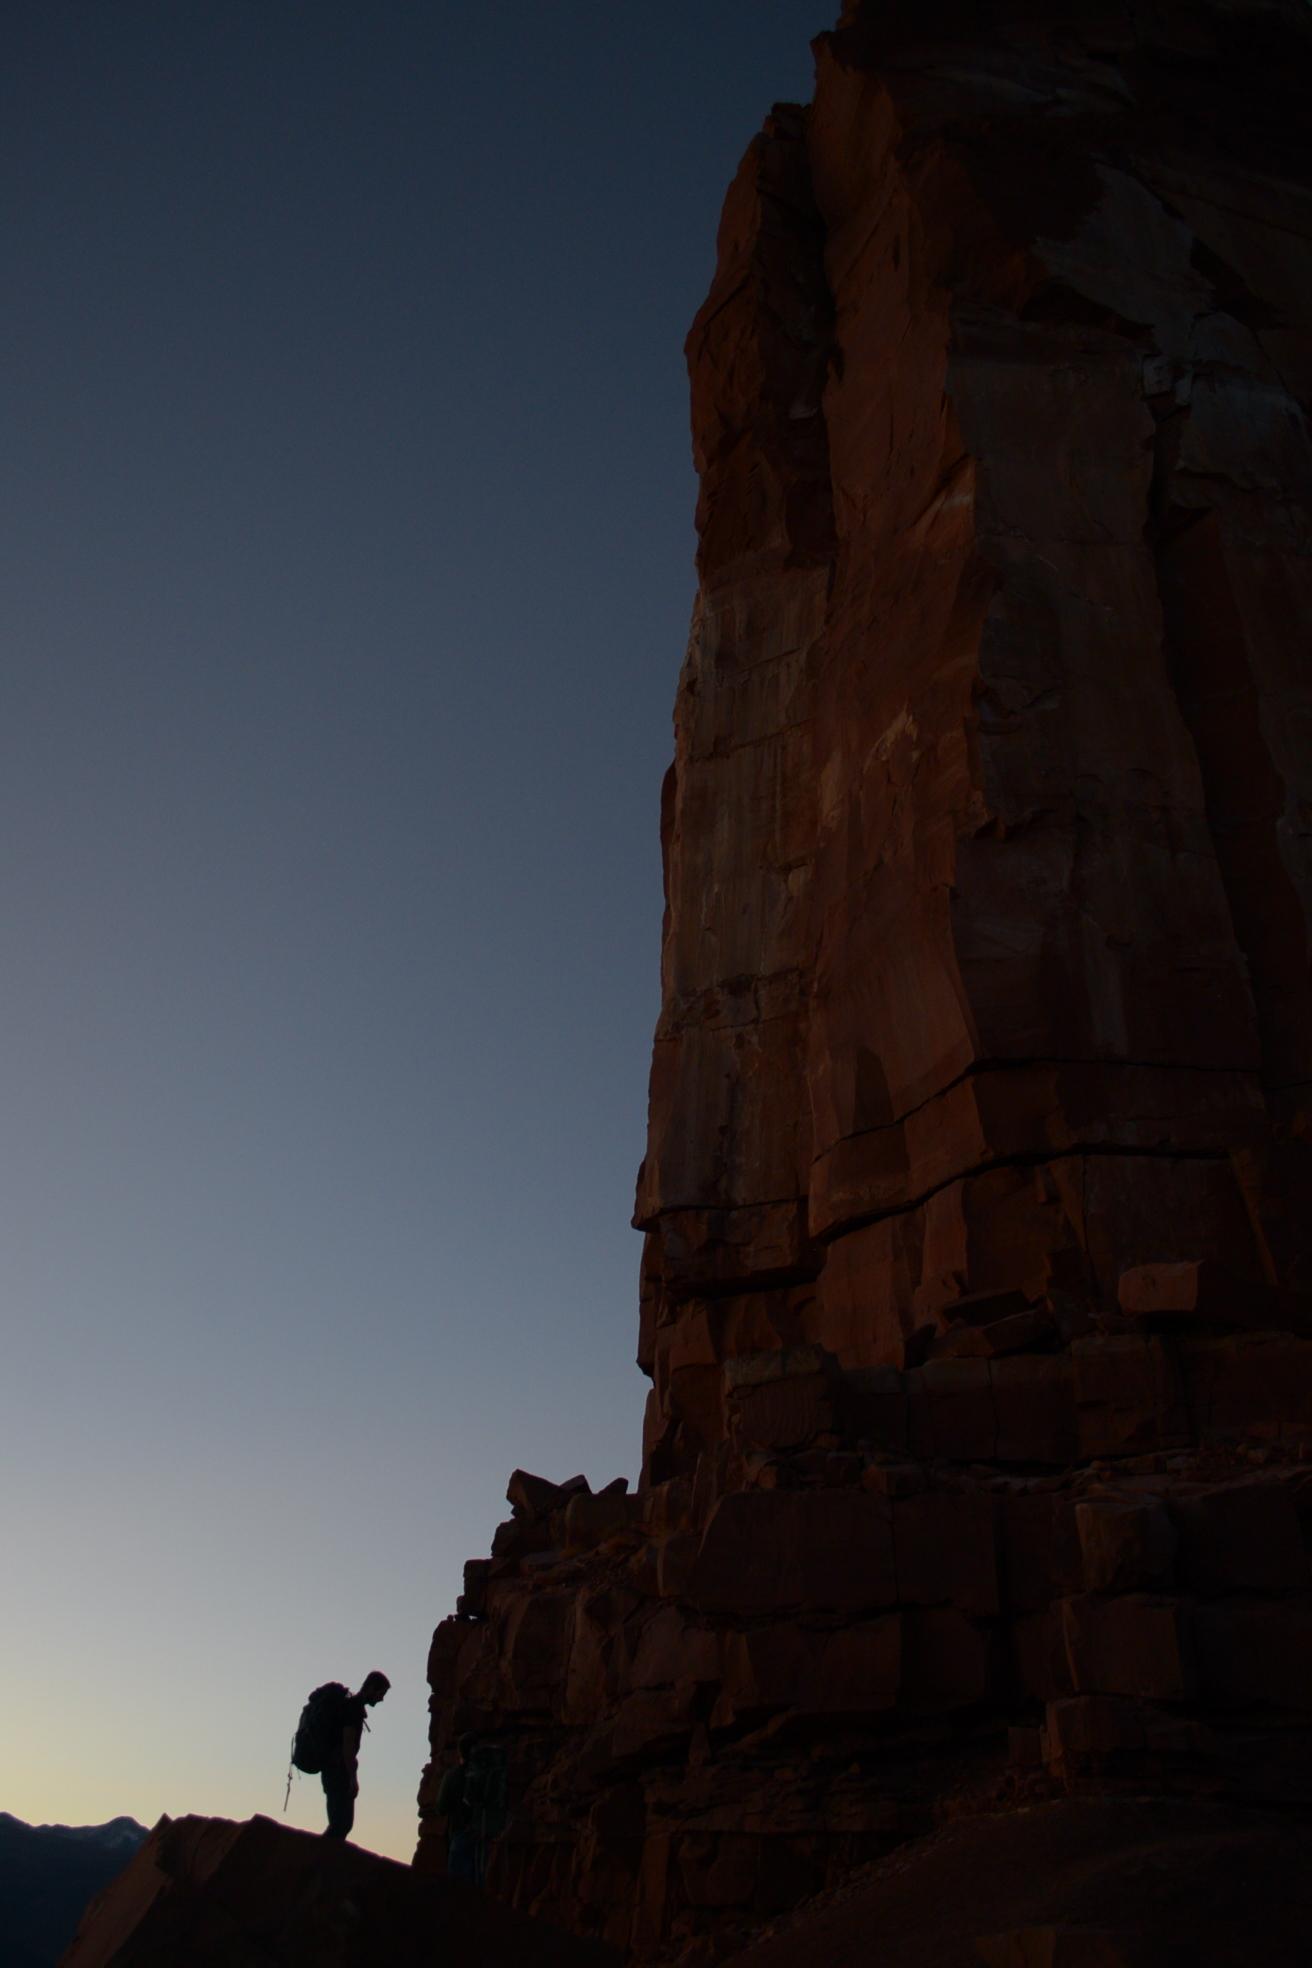 Dawn, ready for the climb.